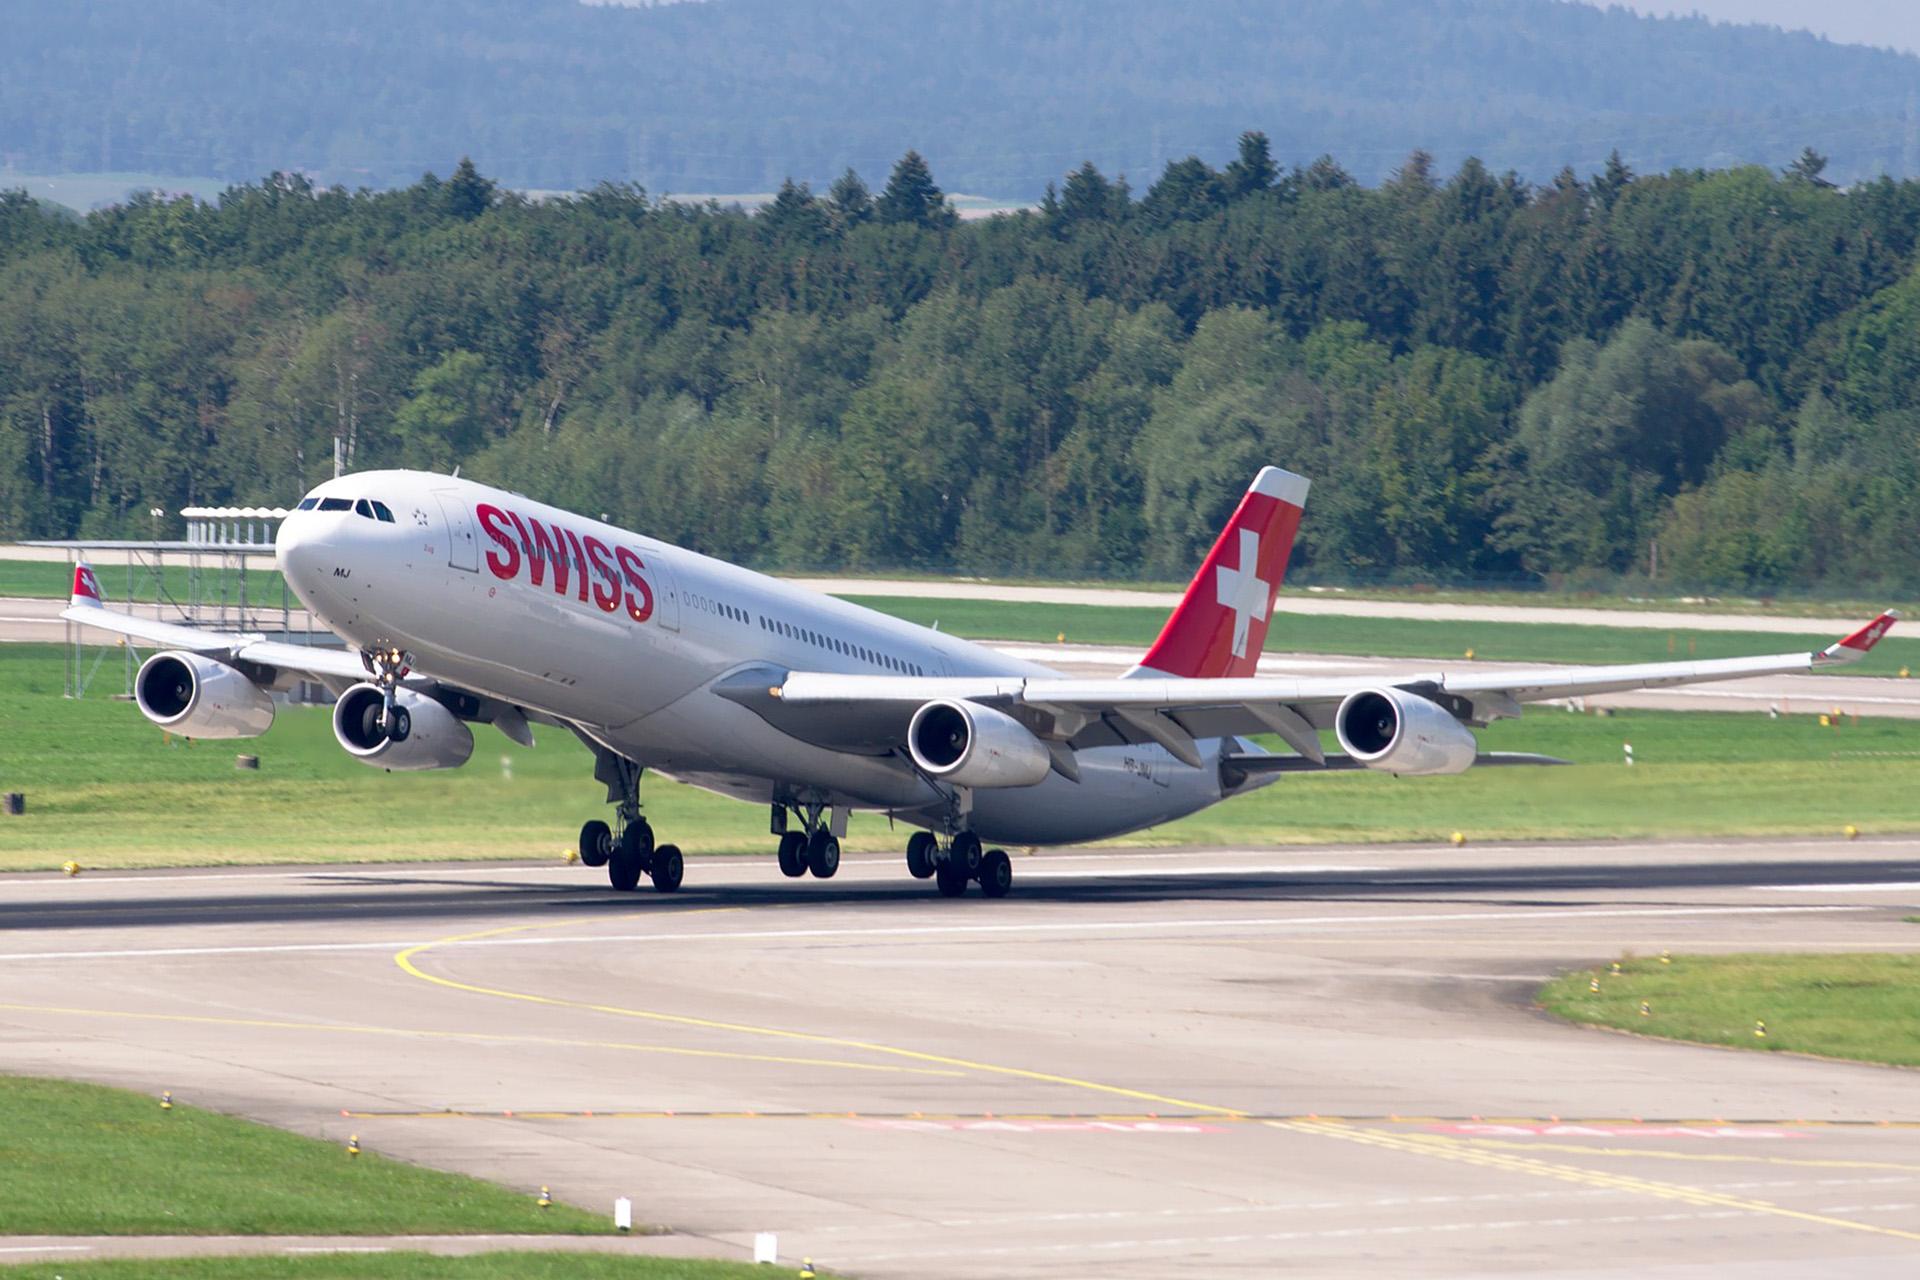 Luftfahrt, Flugzeug, Aviation, Flughafen, Luftverkehr